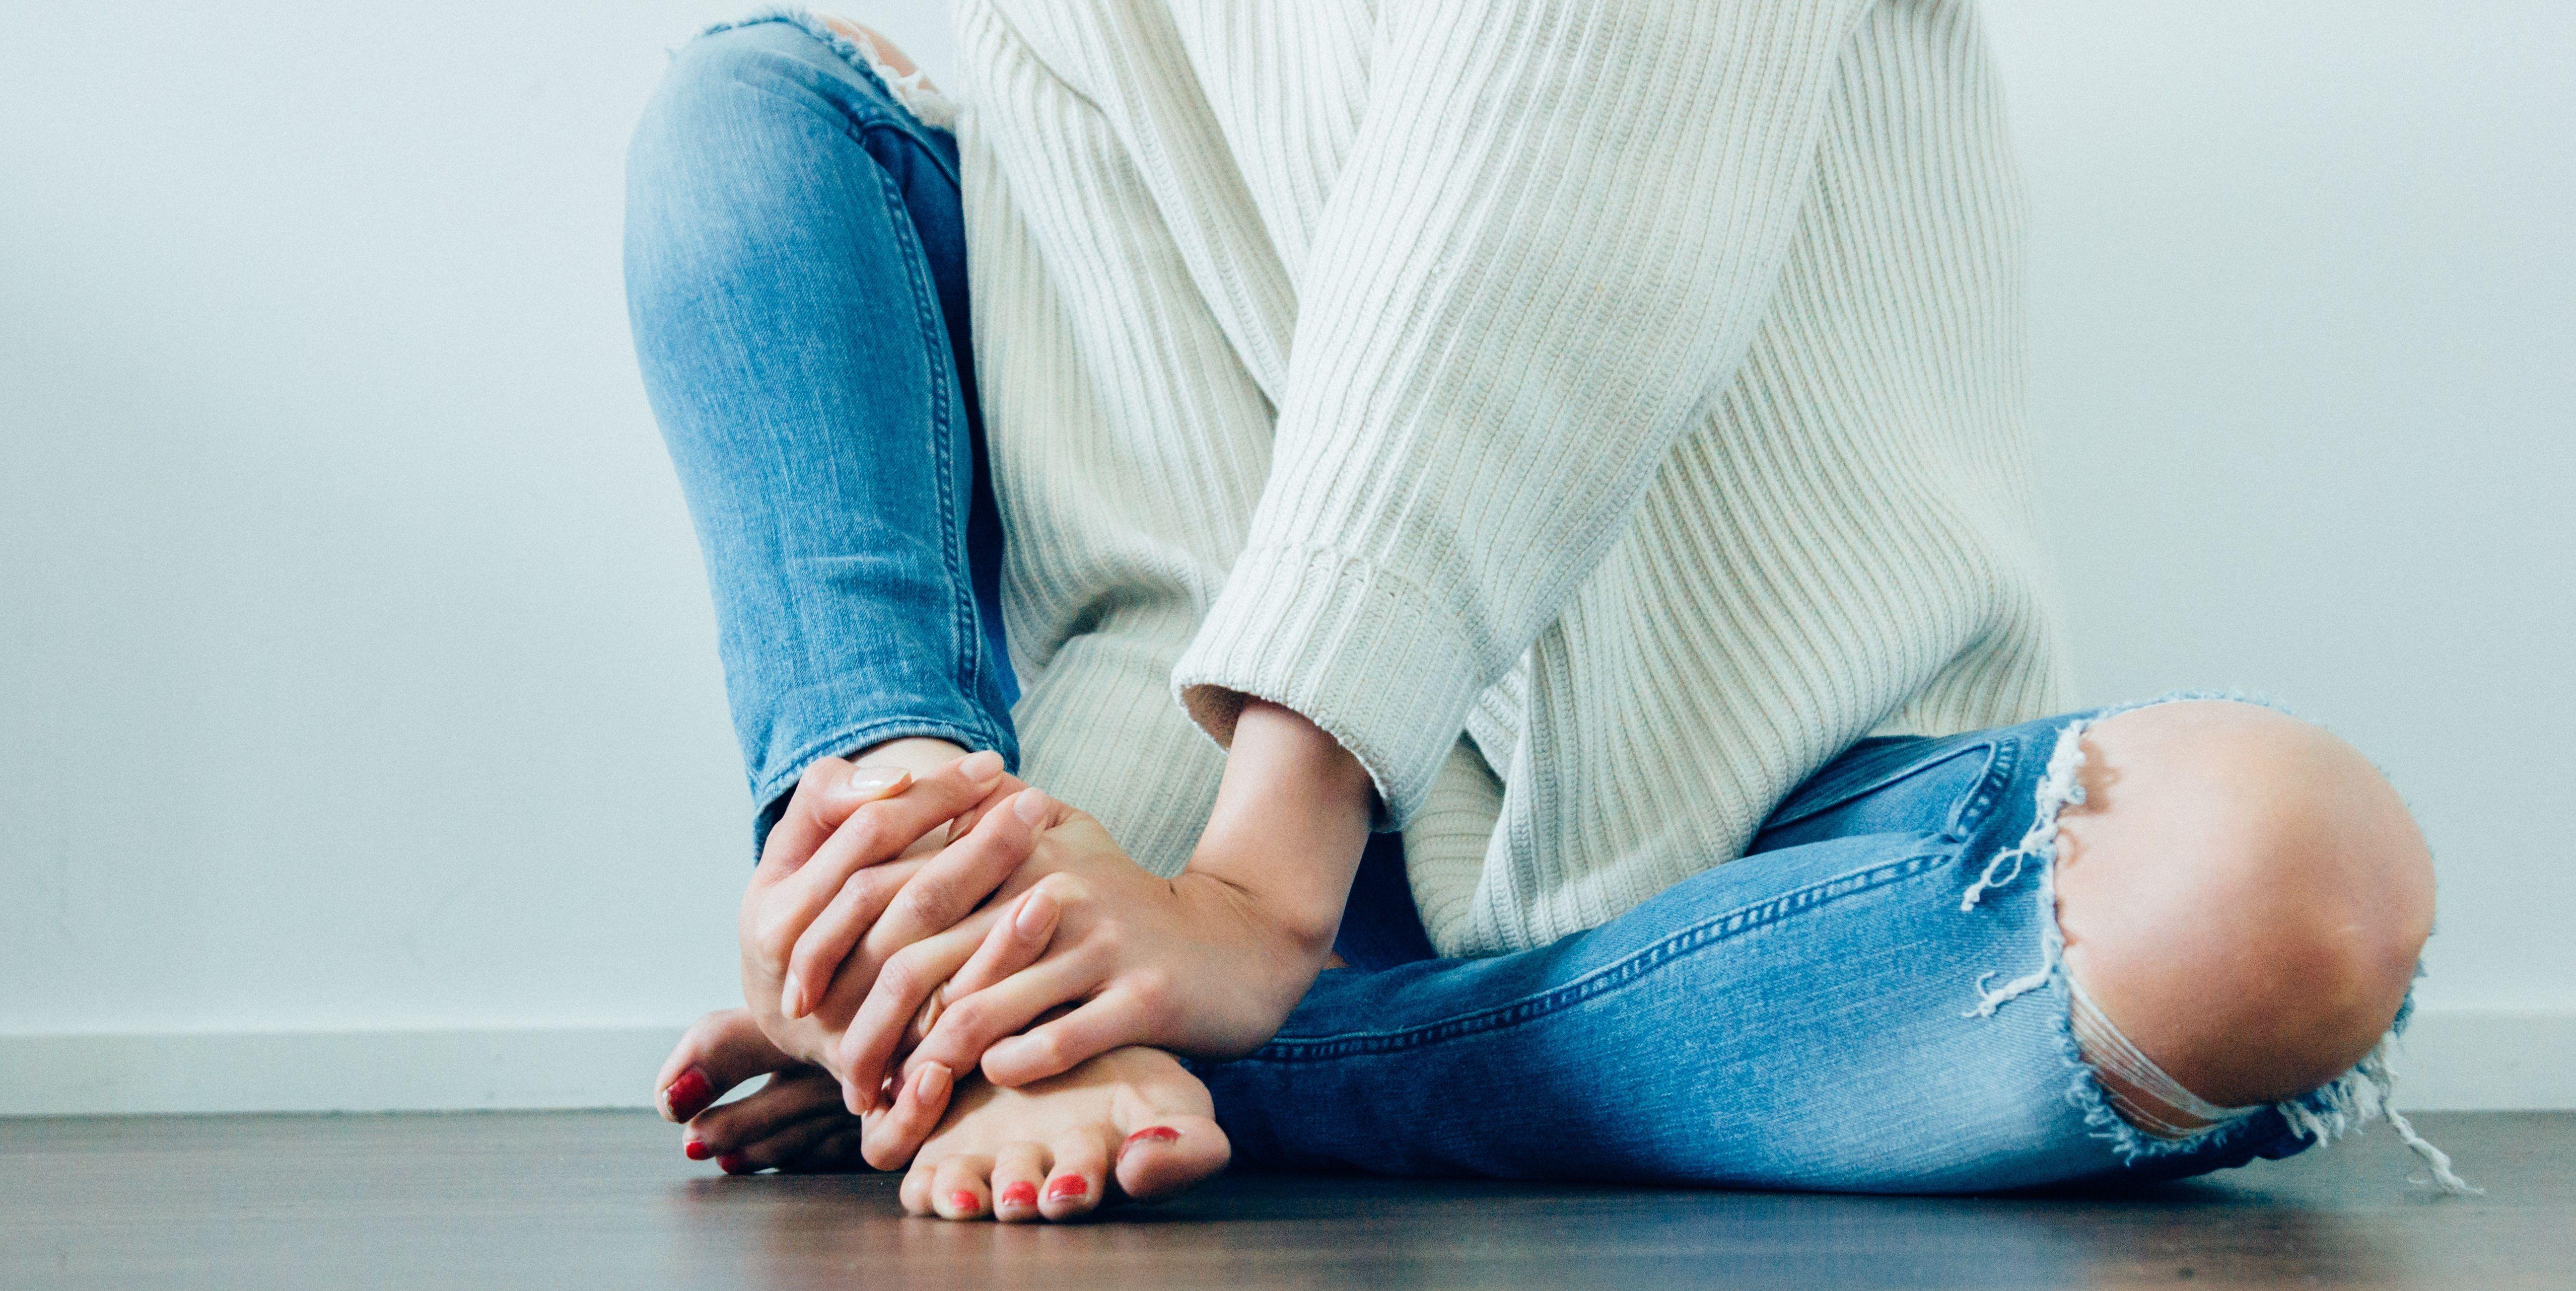 low sex drive - women's health uk